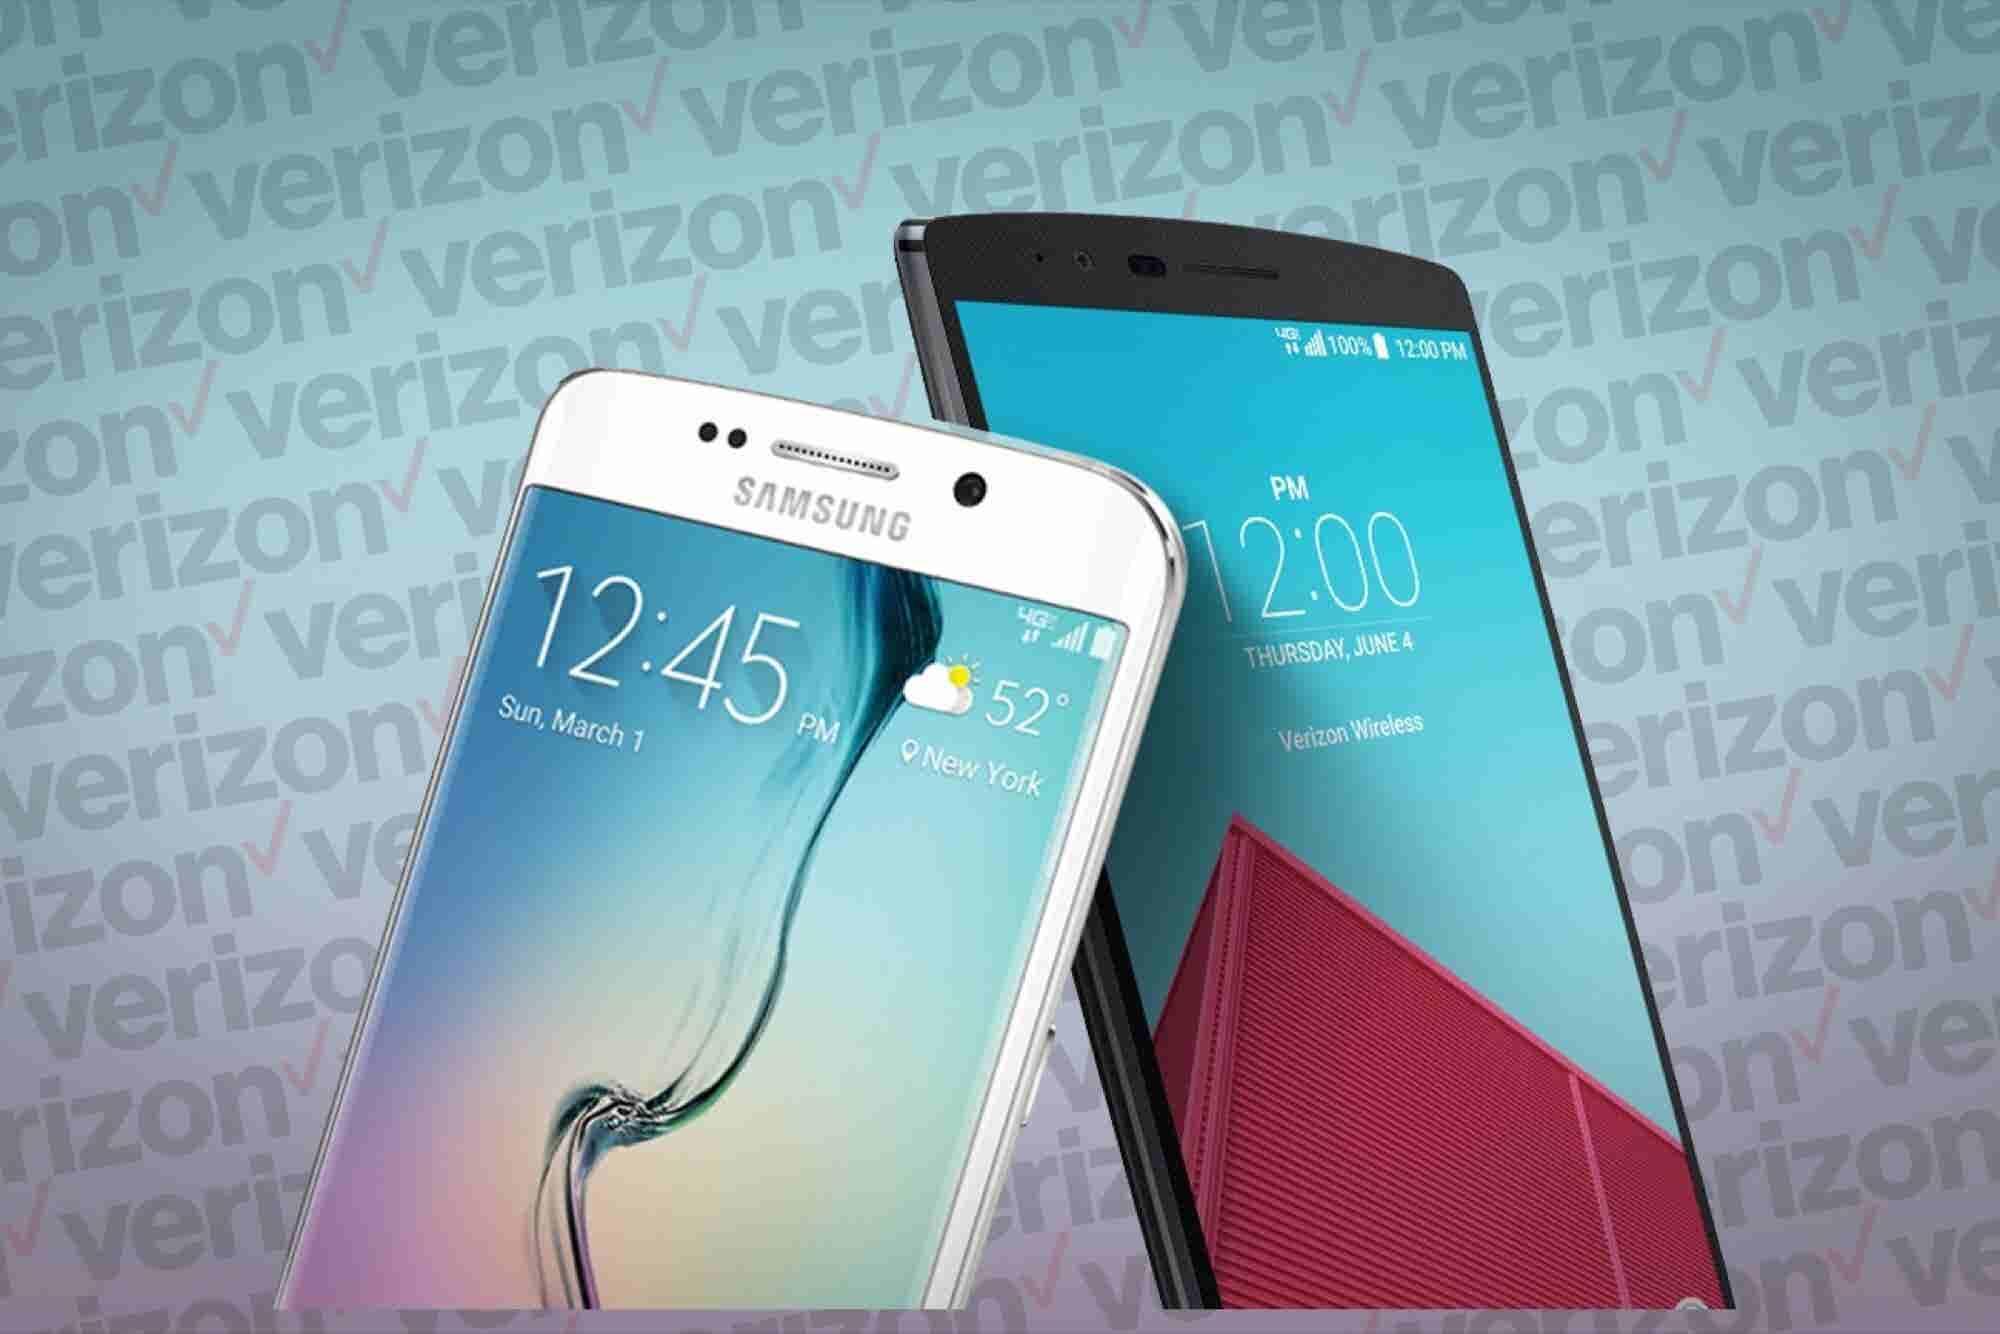 Verizon to Start Testing 5G in 2016